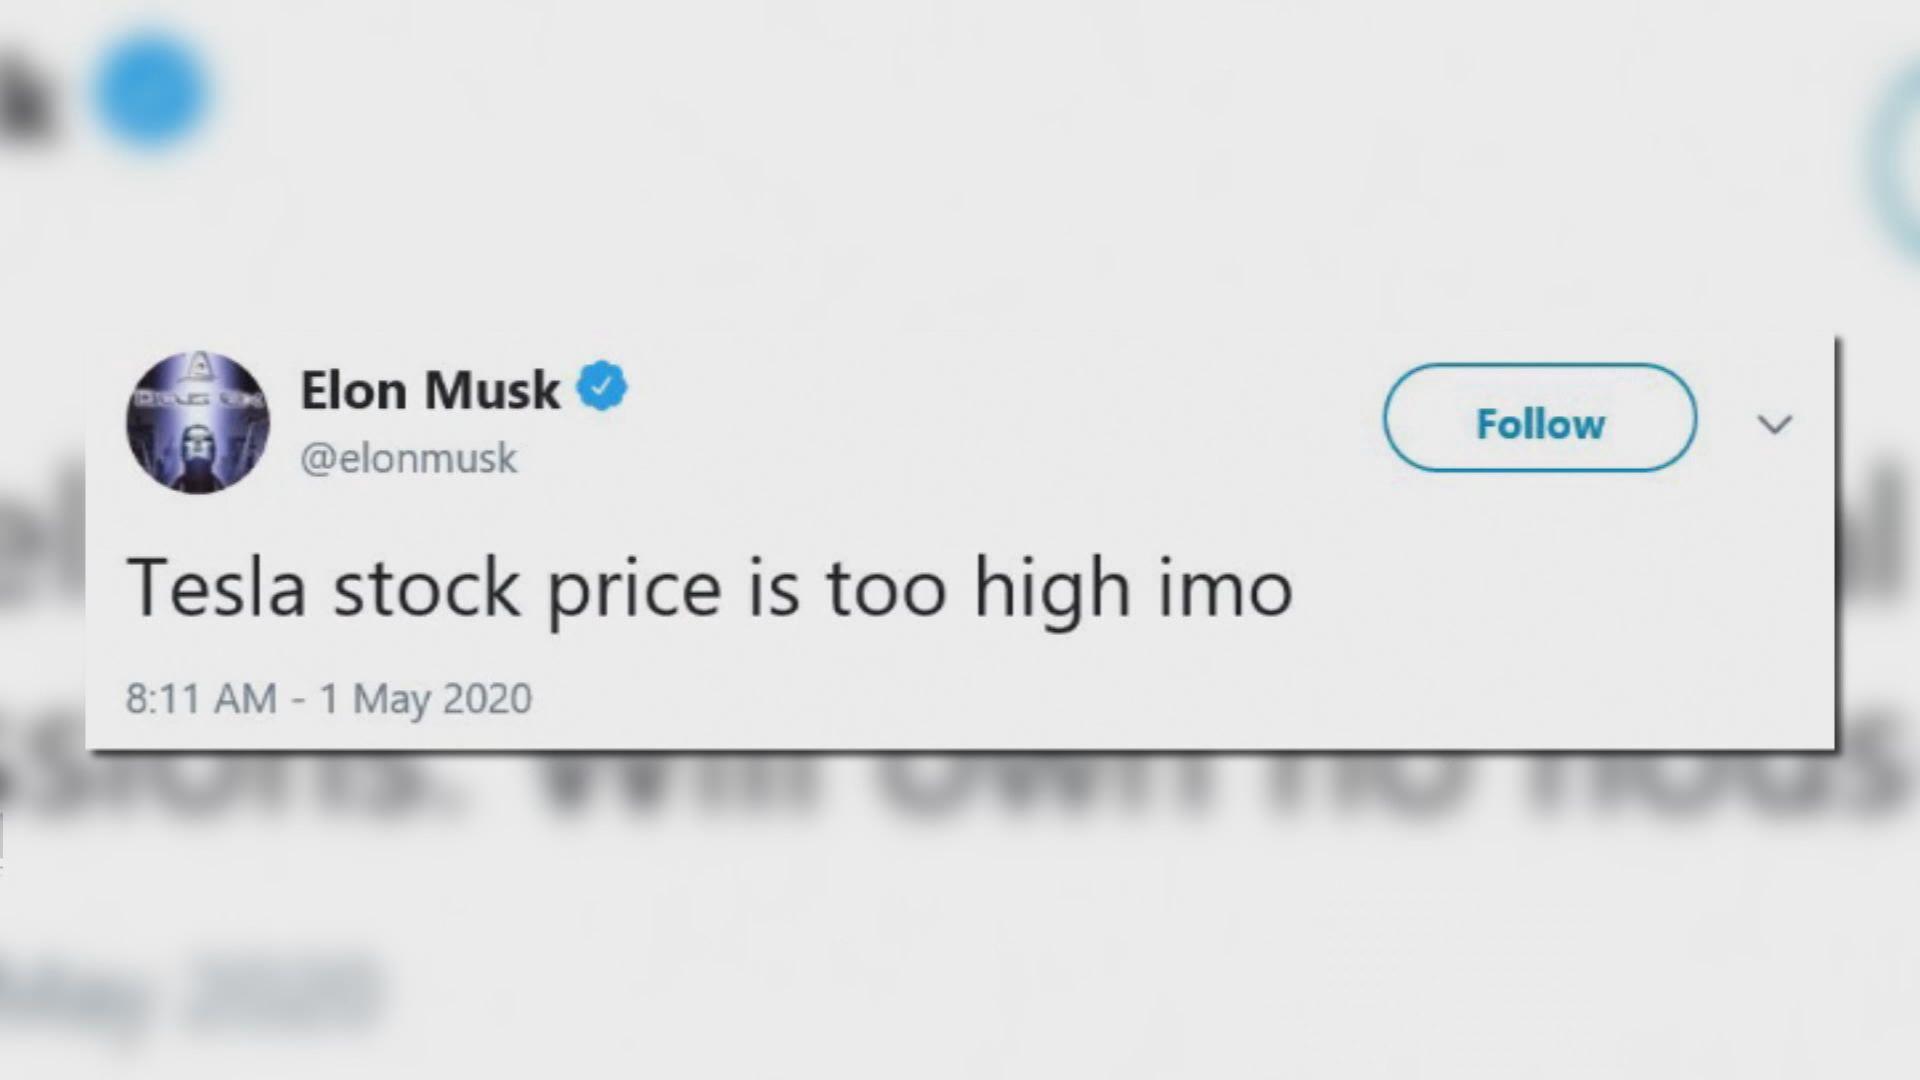 馬斯克指Tesla股價過高 累股價急挫